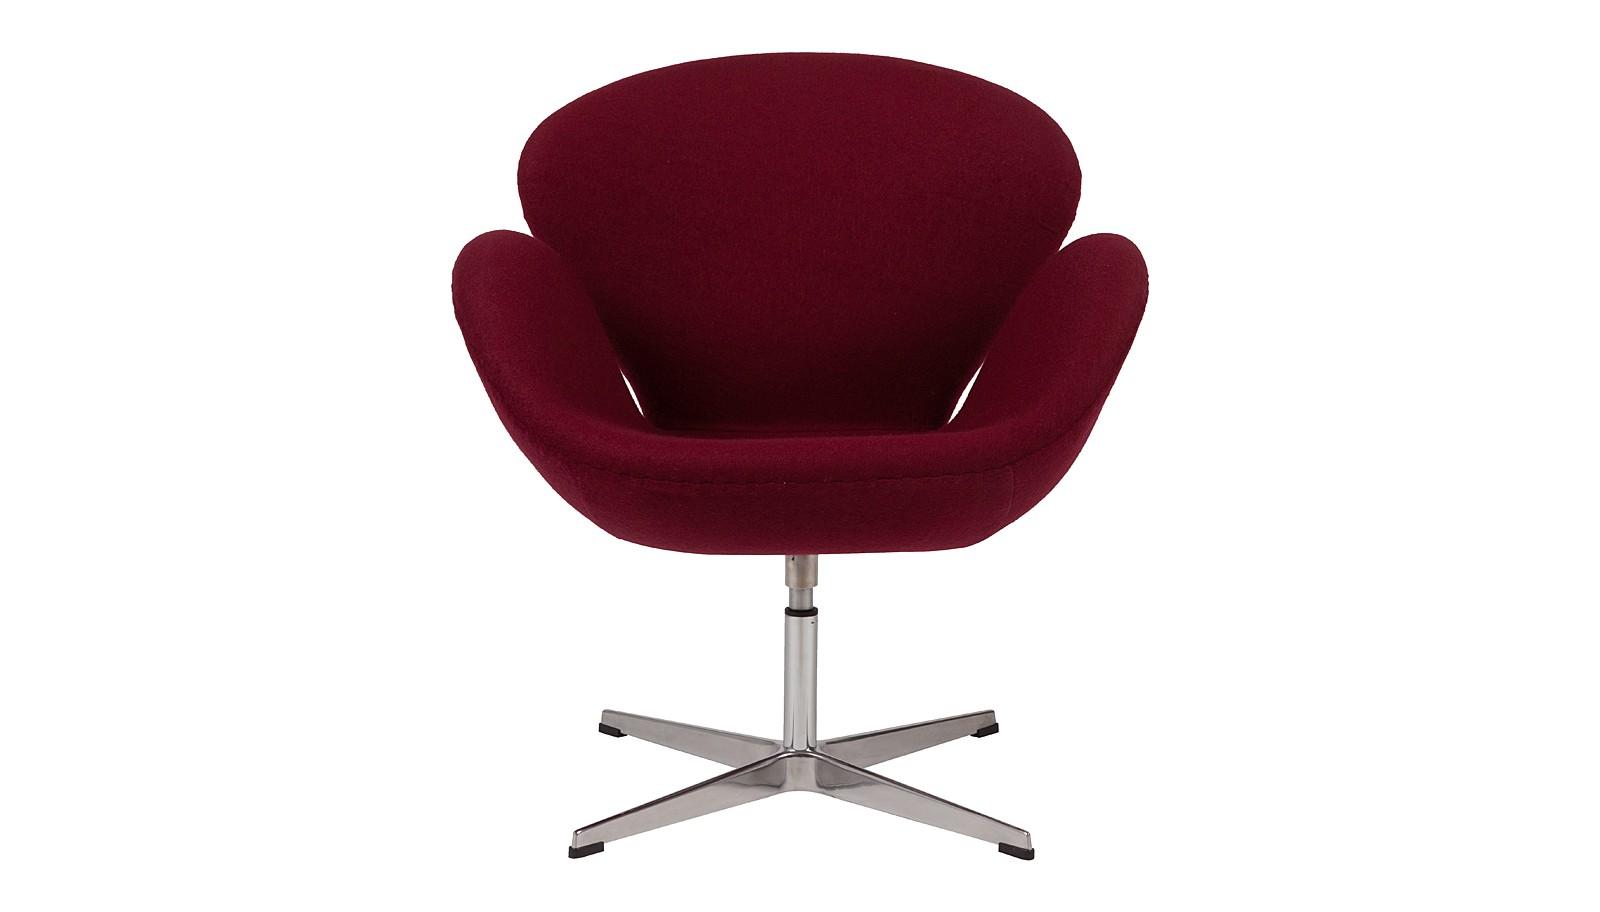 Кресло Swan ChairИнтерьерные кресла<br>&amp;lt;span style=&amp;quot;line-height: 24.9999px;&amp;quot;&amp;gt;Эргономичное &amp;quot;Swan Chair&amp;quot; за свою историю стало иконой стиля. Изначально оно было разработано для общественного интерьера, но, быстро завоевав симпатии ценителей креативной мебели, перекочевало в жилые пространства. Шерстяная обивка винного оттенка, крутящееся основание и плавные линии — в таком кресле можно незаметно провести весь вечер.&amp;lt;/span&amp;gt;<br><br>Material: Шерсть<br>Width см: 70<br>Depth см: 71<br>Height см: 78